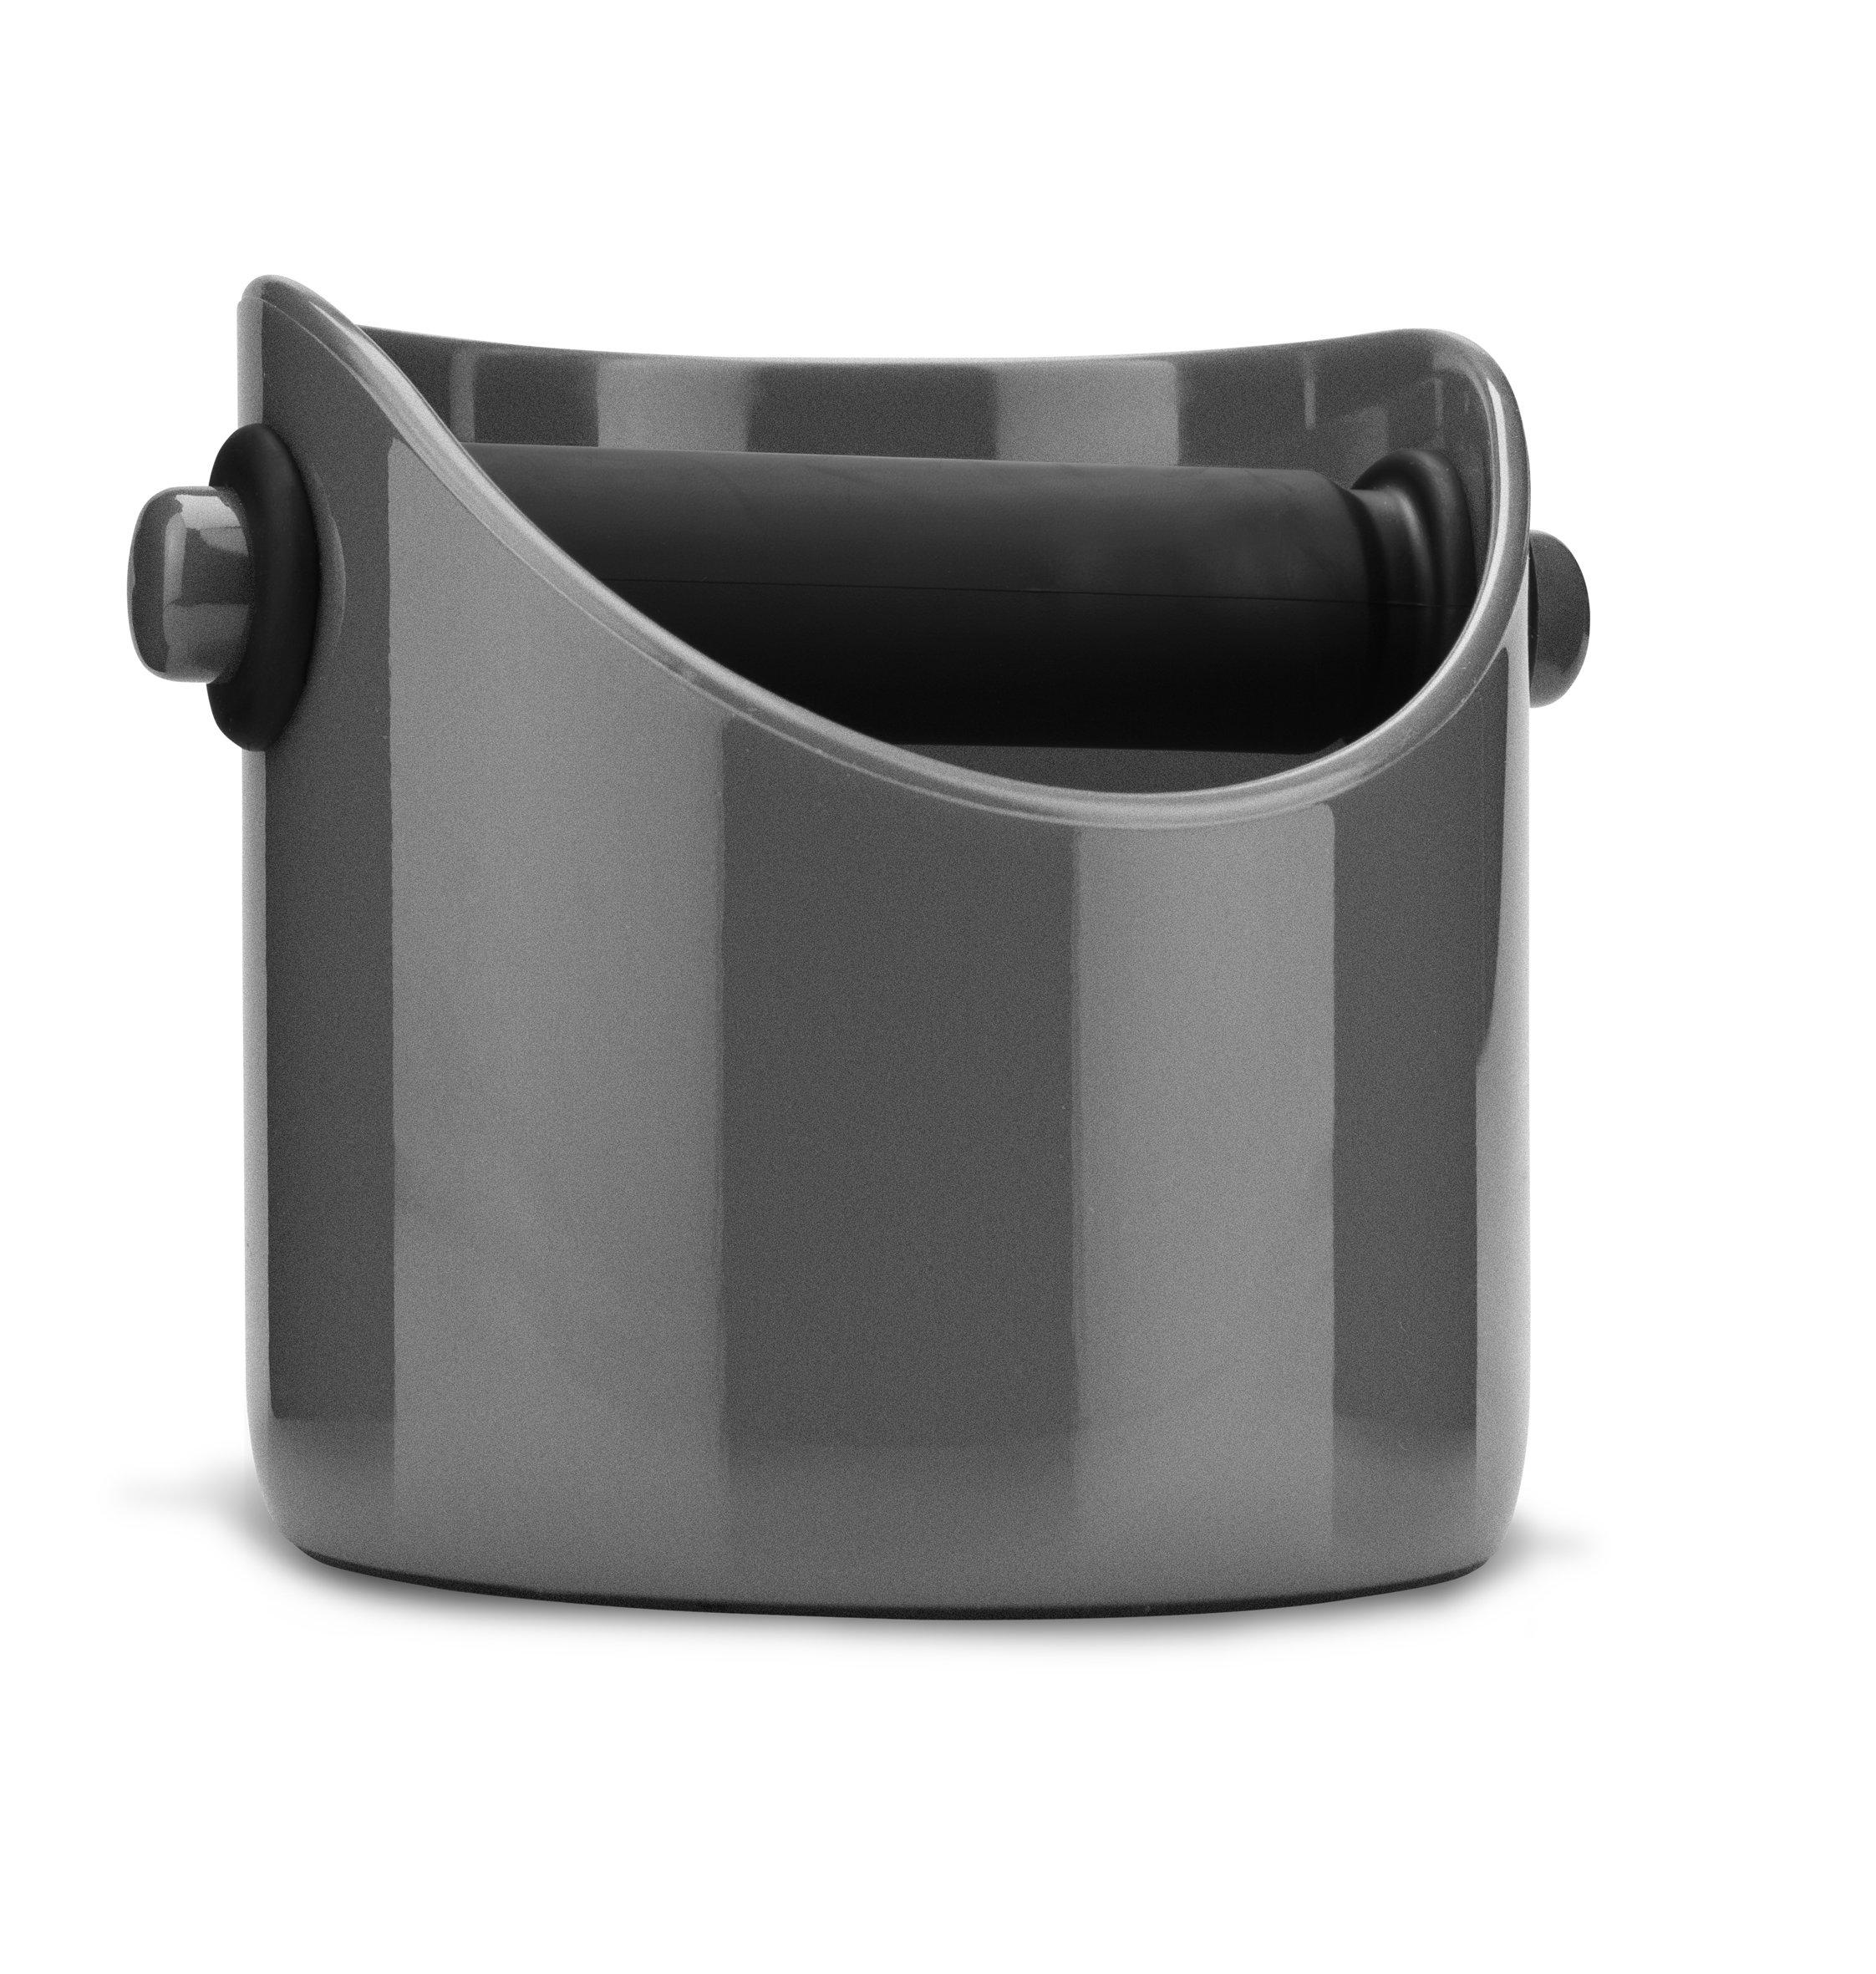 Dreamfarm Grindenstein - Coffee Grind Knock Box and Espresso Dump Bin (Silver)